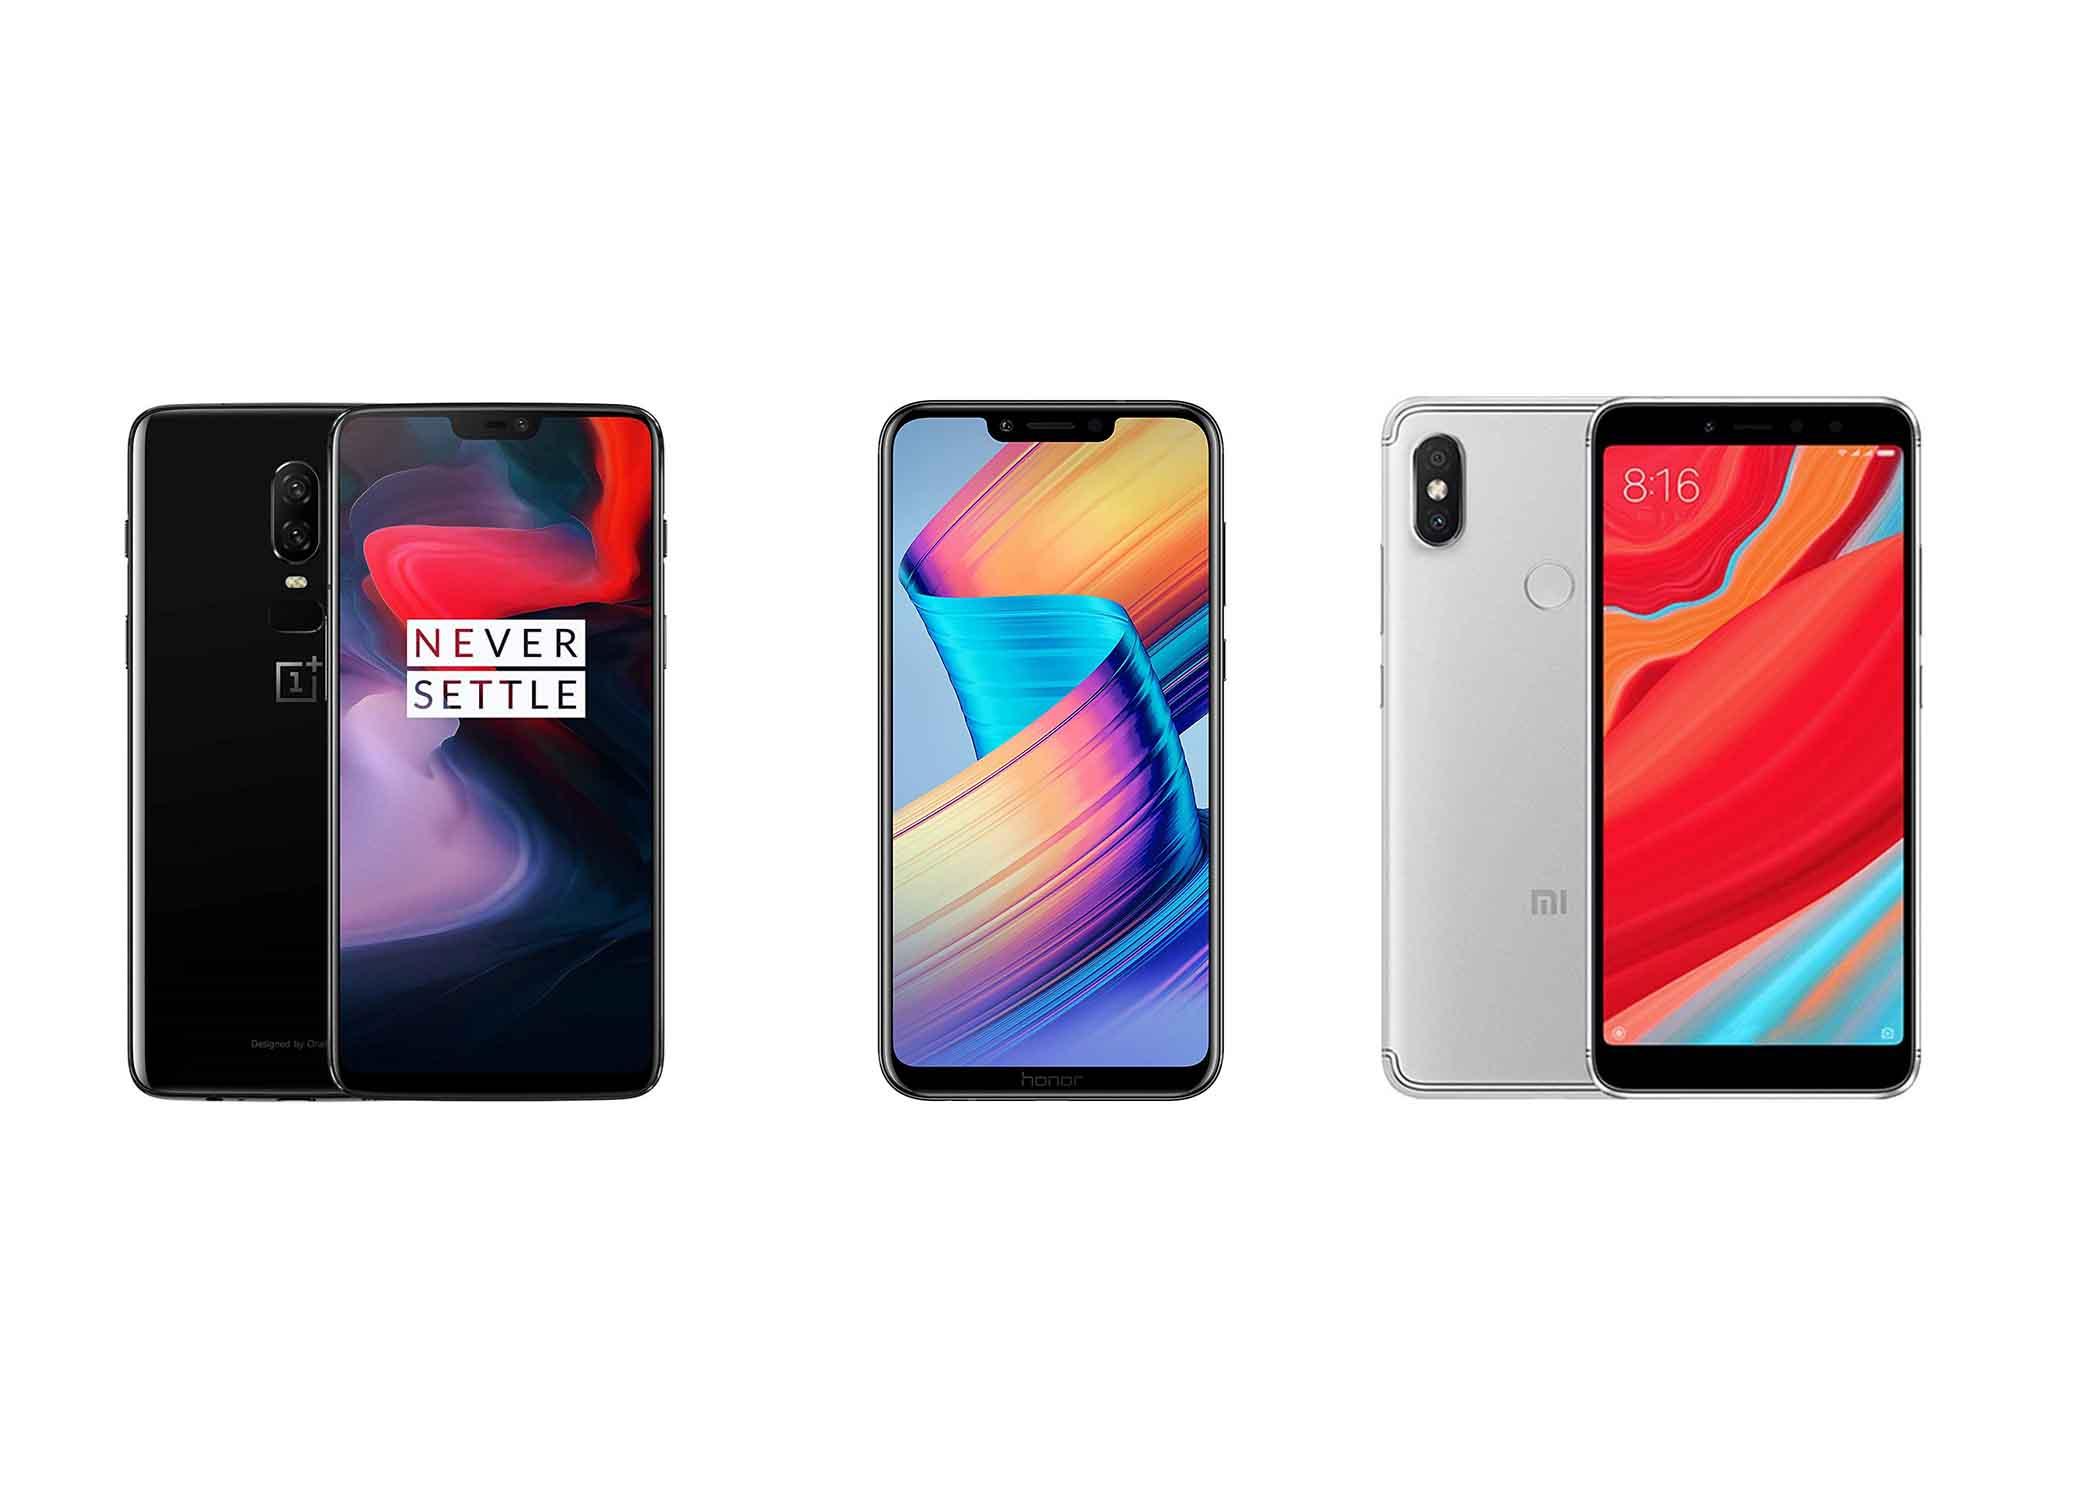 Xiaomi Redmi Note 6 Pro à 154 euros, Xiaomi Redmi S2 à 107 euros, Honor Play à 290 euros sur GearBest